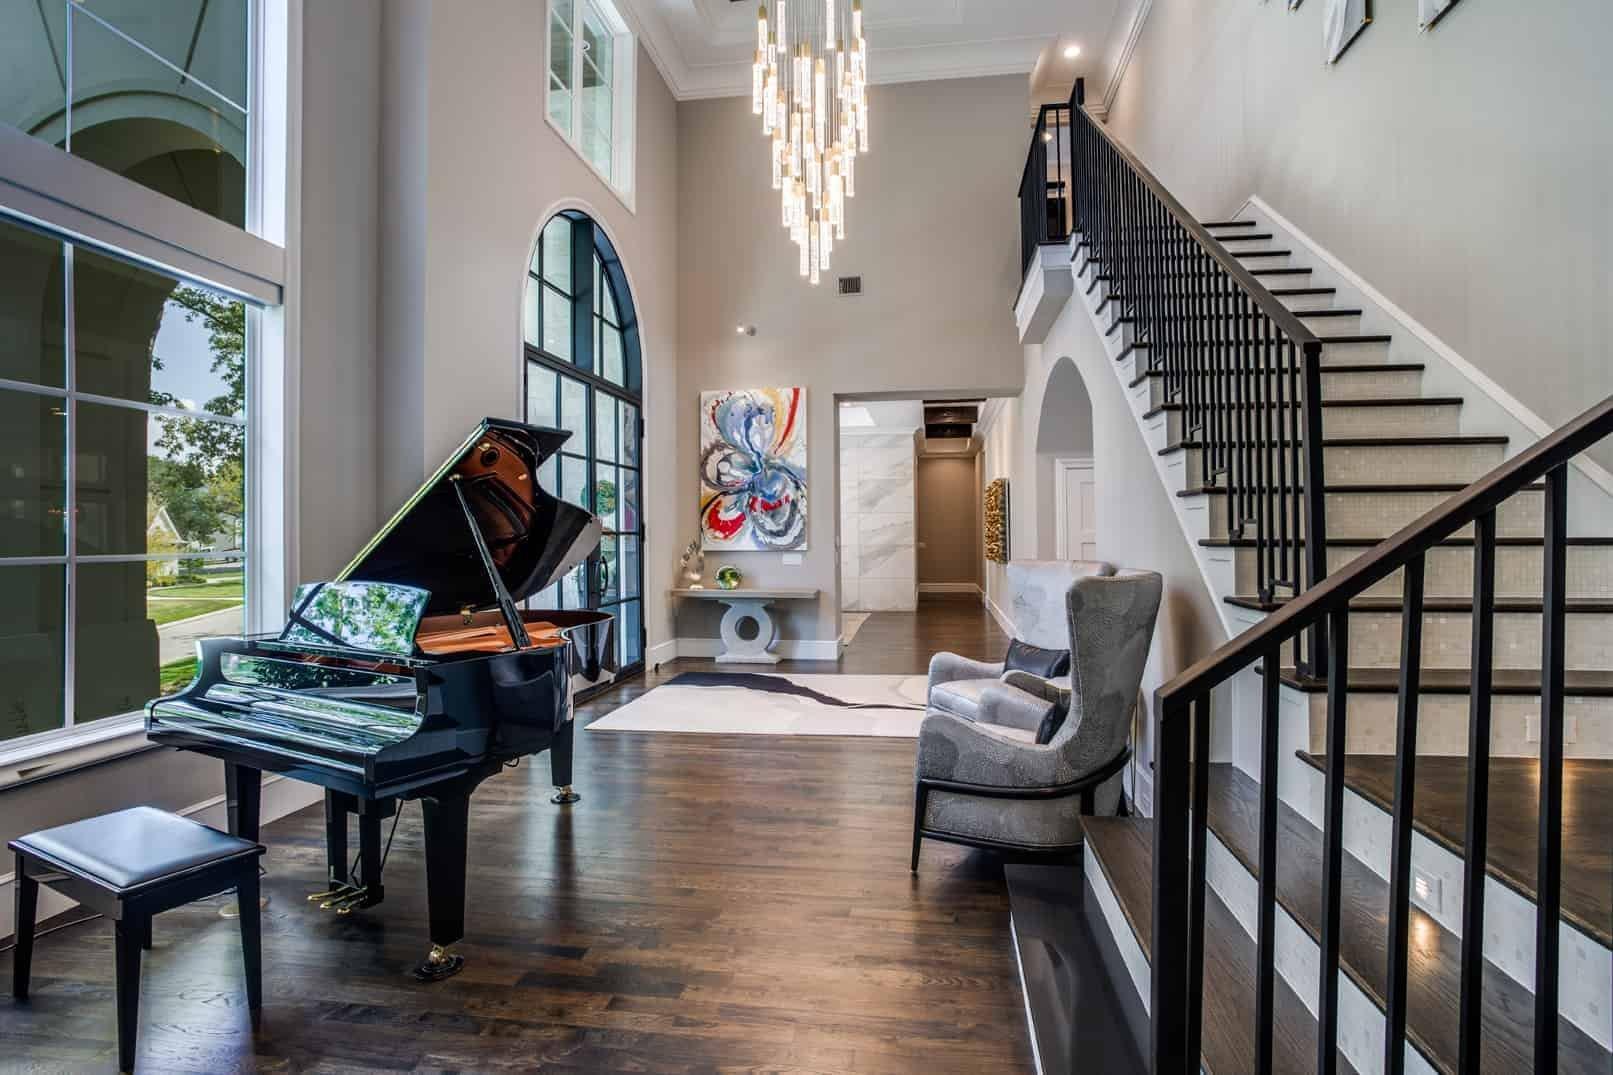 piano entry way by top dallas interior designers bgi designs